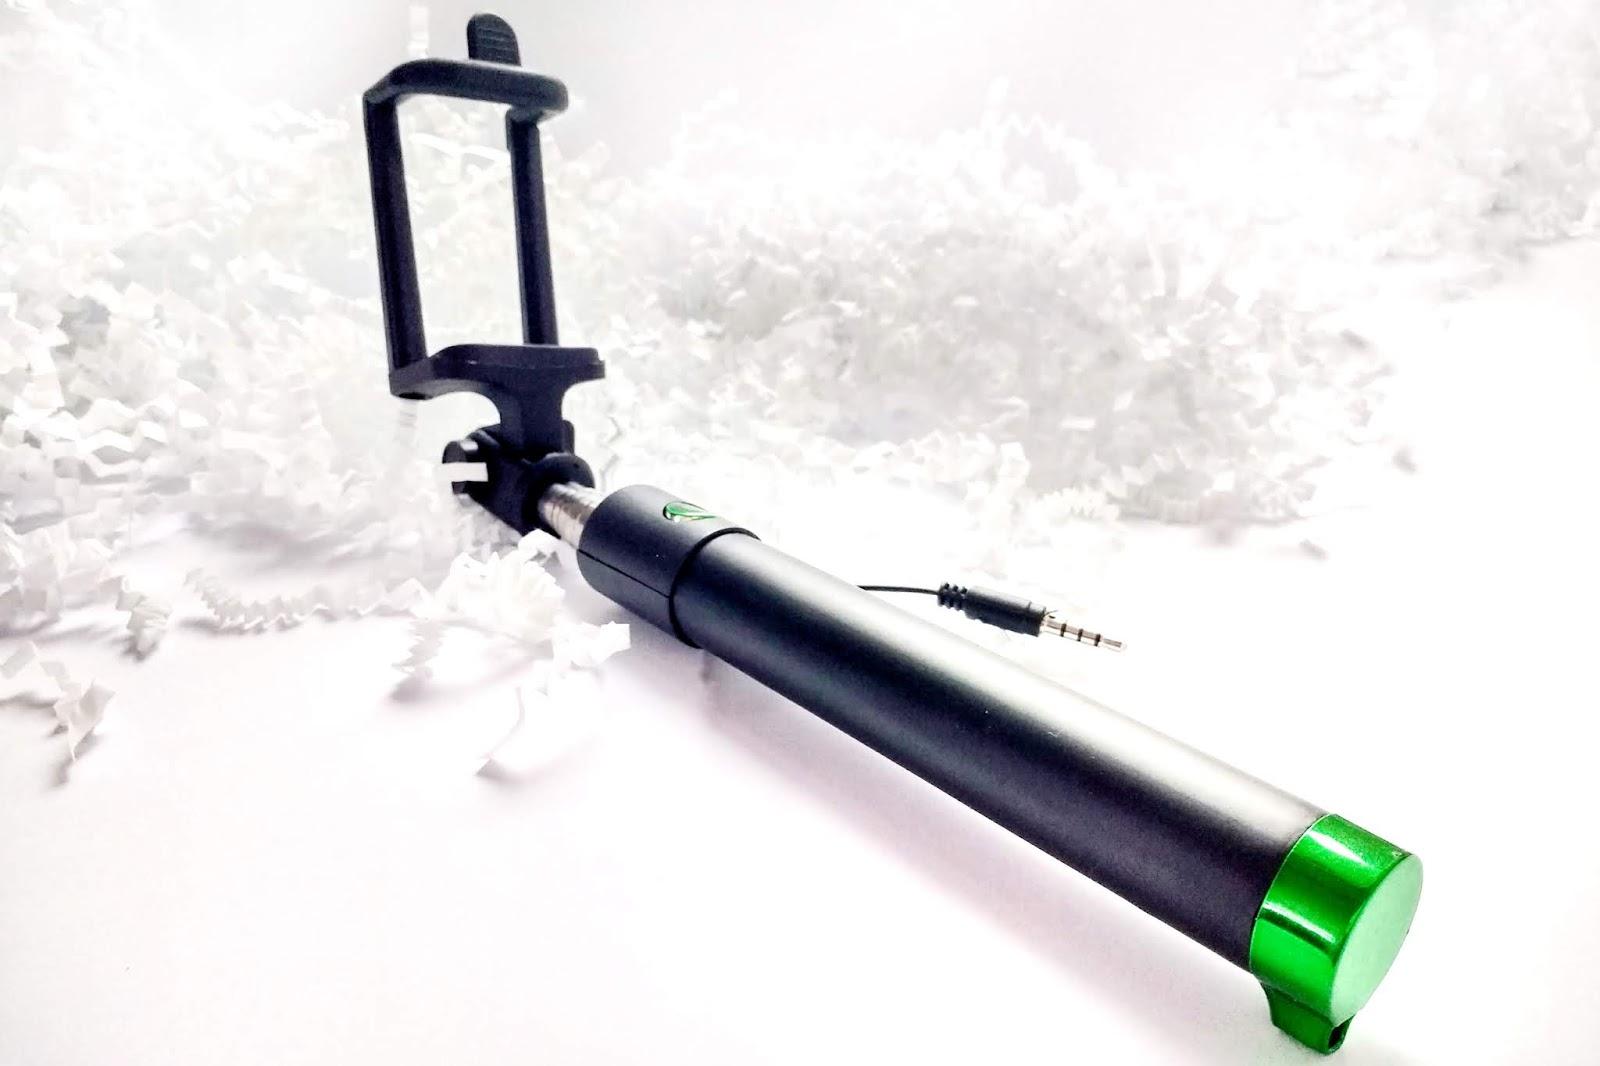 IziGSM | Selfie stick; monopod; kijek do selfie; wysięgnik do robienia zdjęć